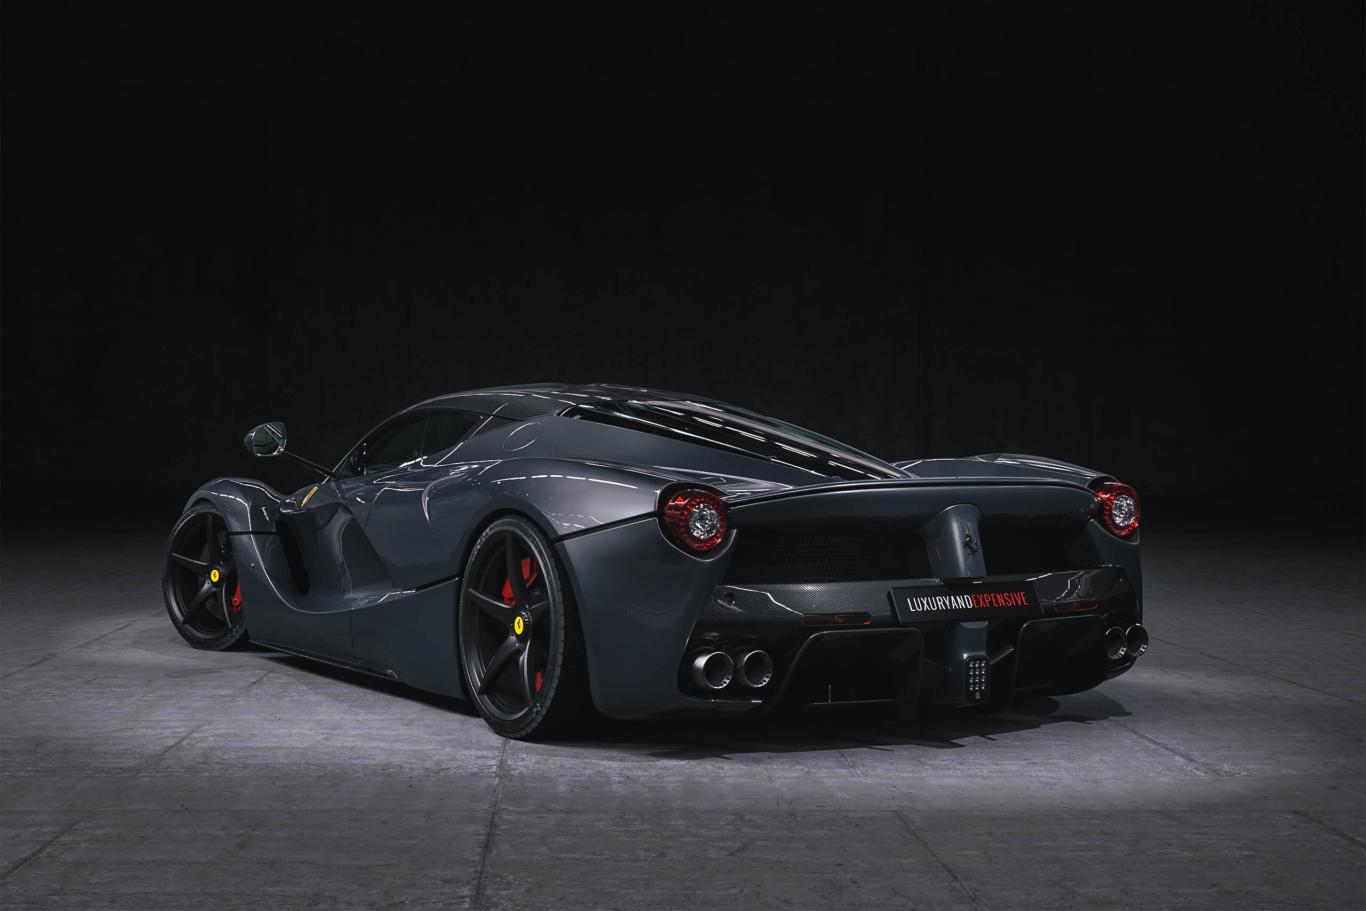 Ferrari La Ferrari >> Ferrari Laferrari On Stock In The Uk